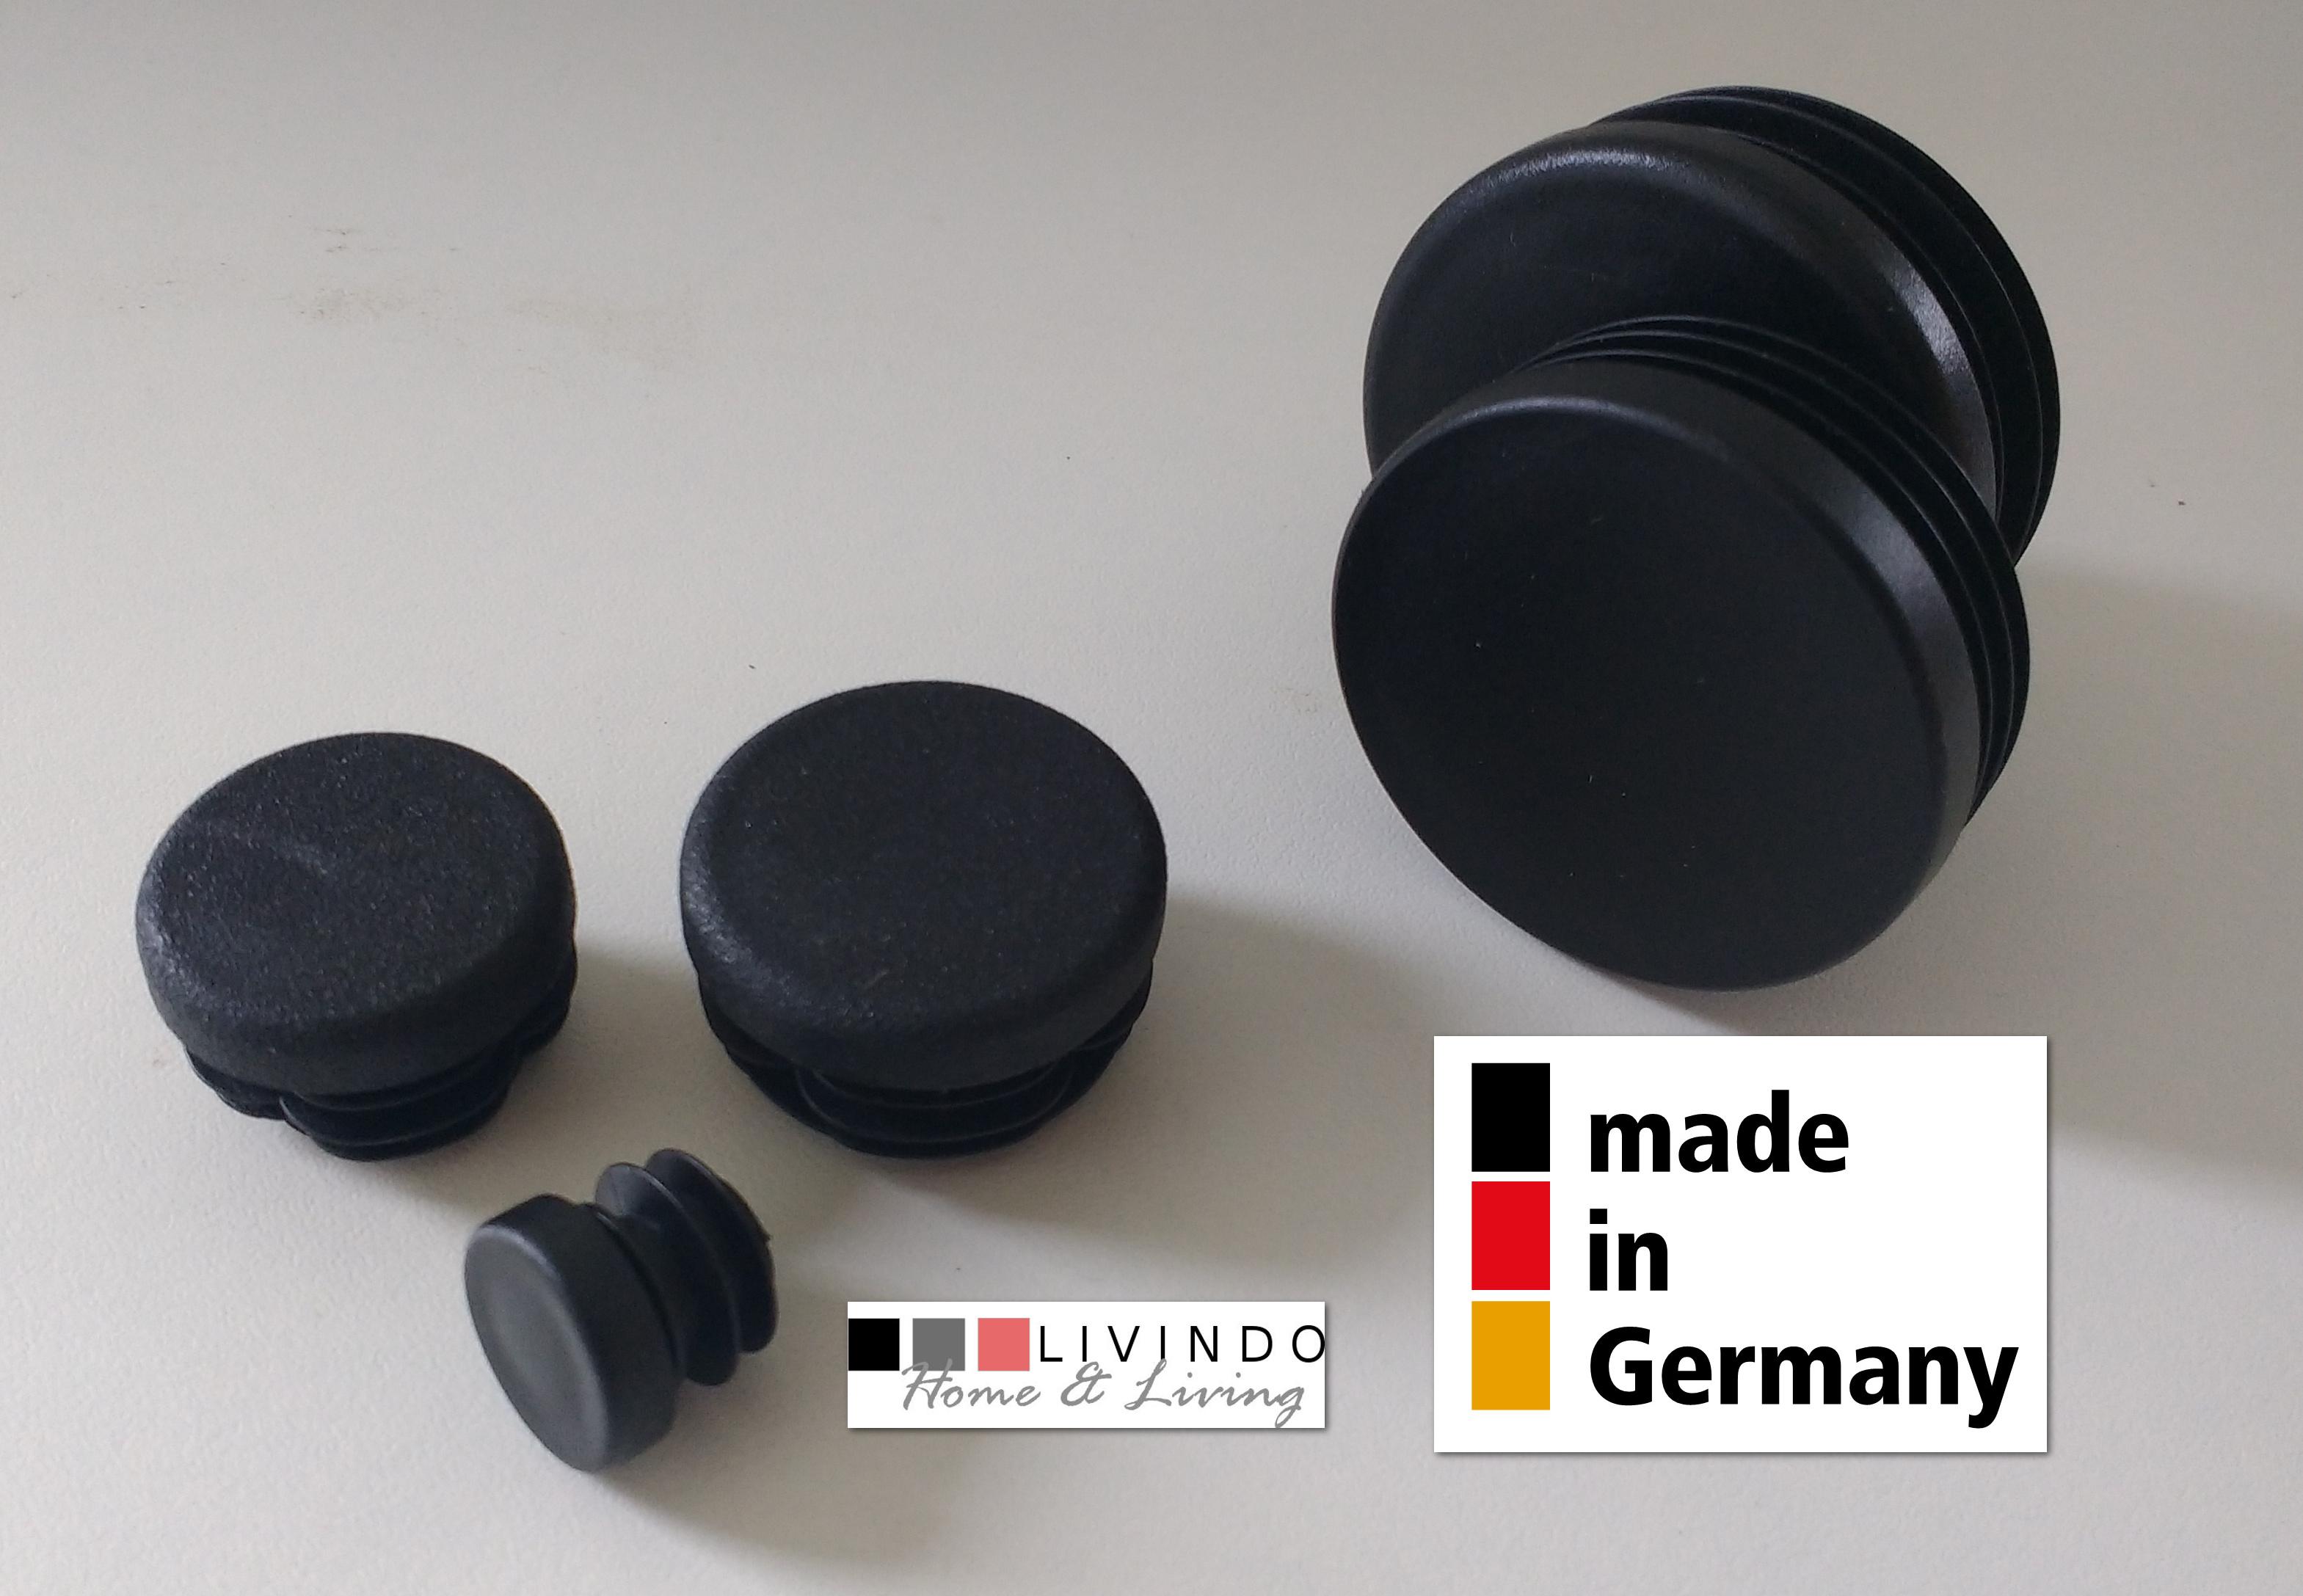 10 Stck. Lamellenstopfen Rohrstopfen Pfostenkappen Rund 70 mm Schwarz